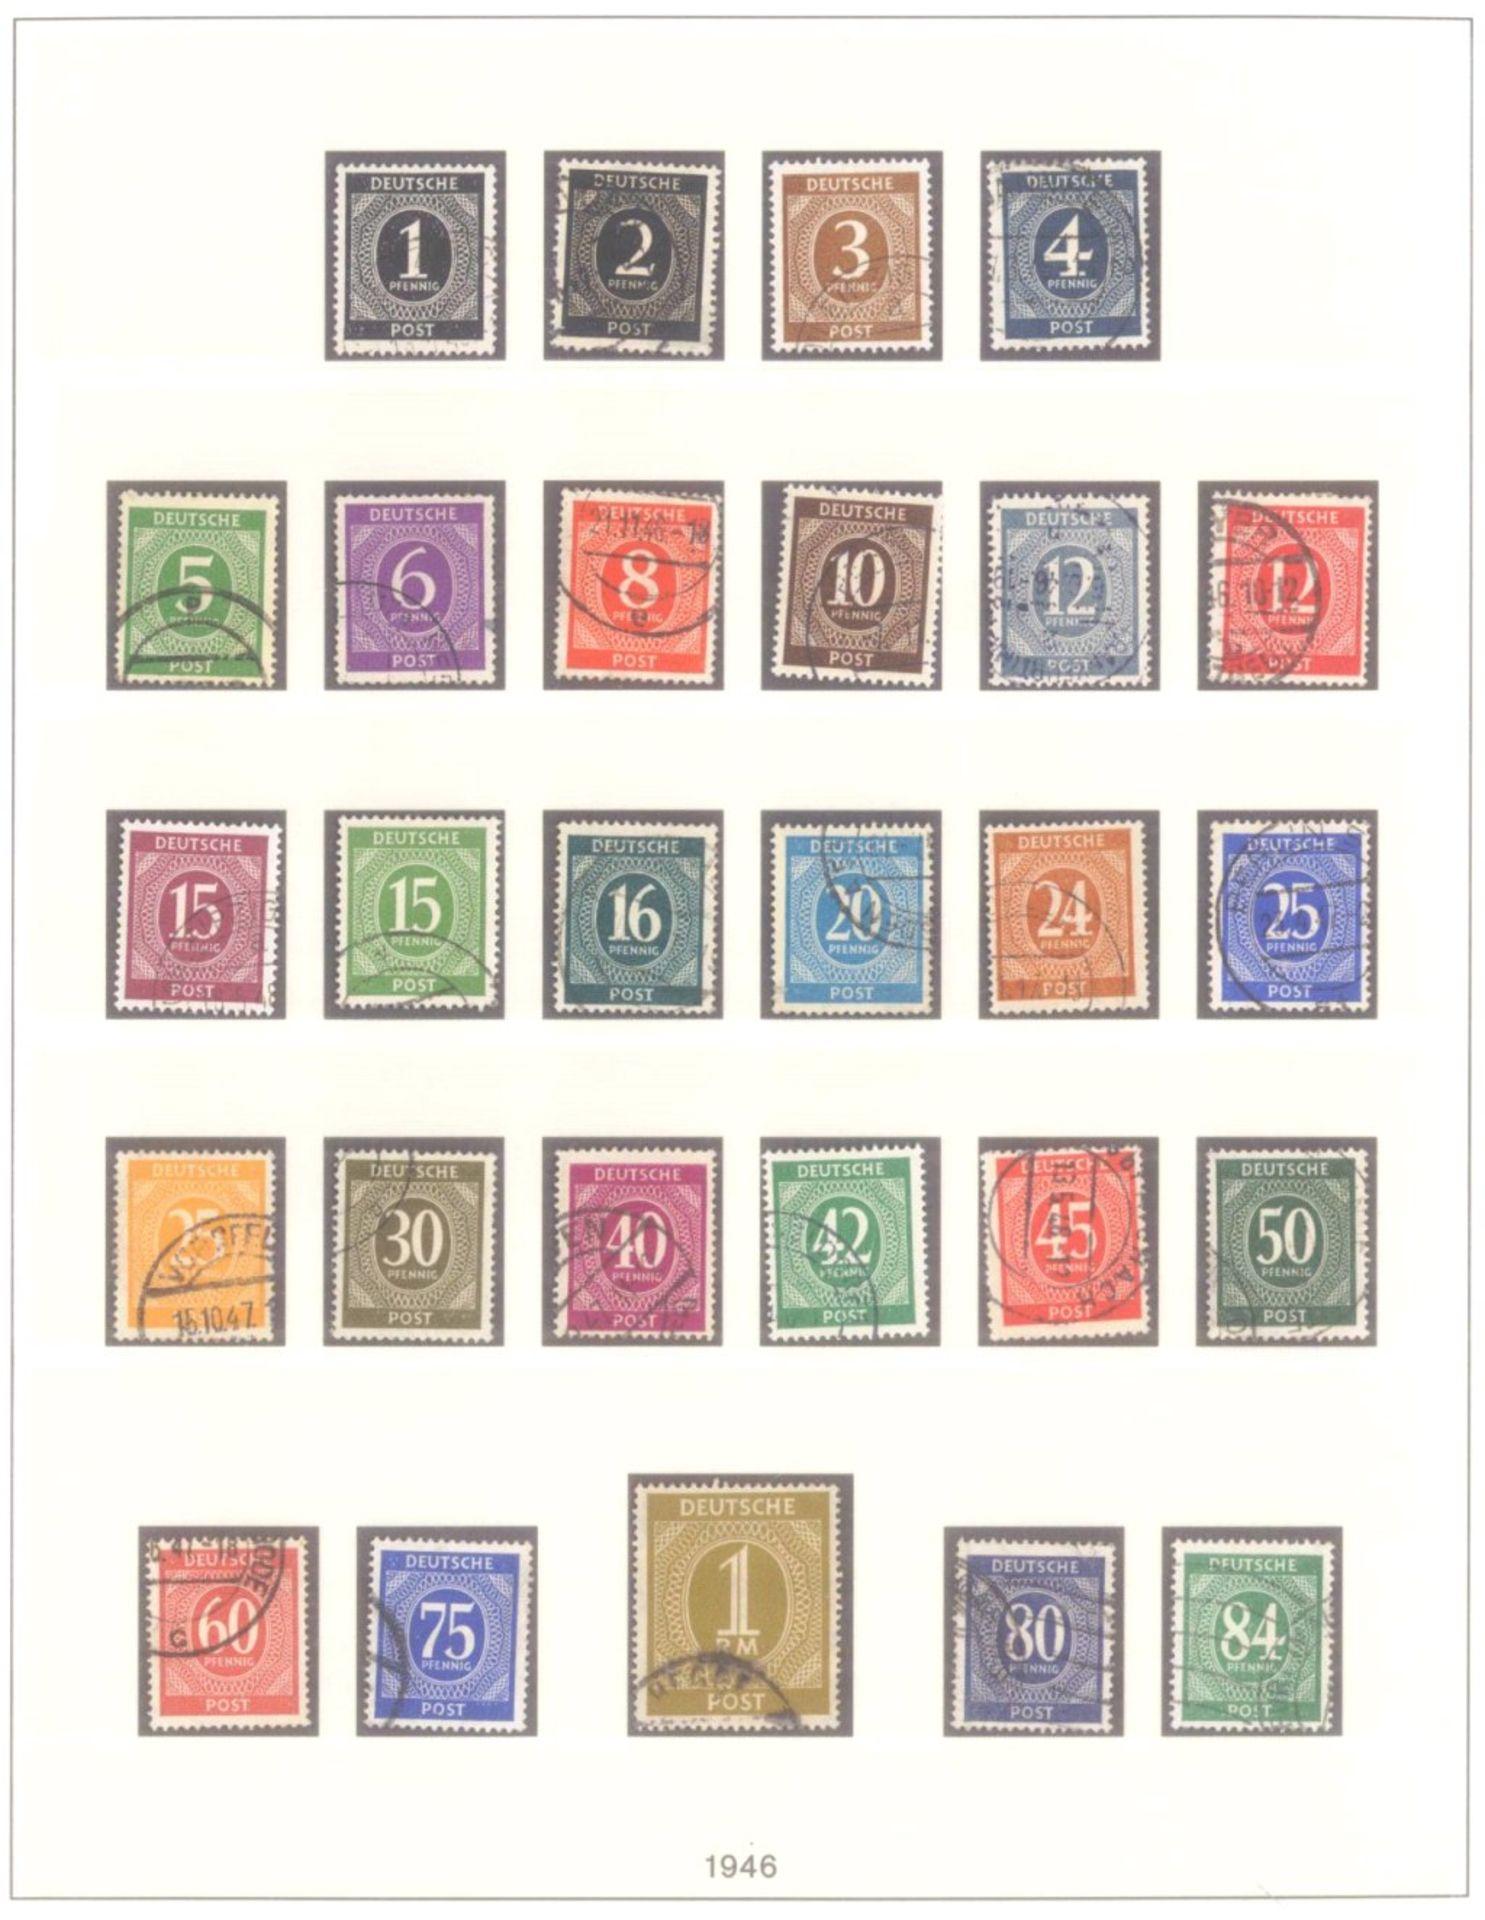 Sammlung Alliierte BesetzungAmerikanische und Britische Zone, AM Post (auch hohe Werte),sowie - Bild 5 aus 12